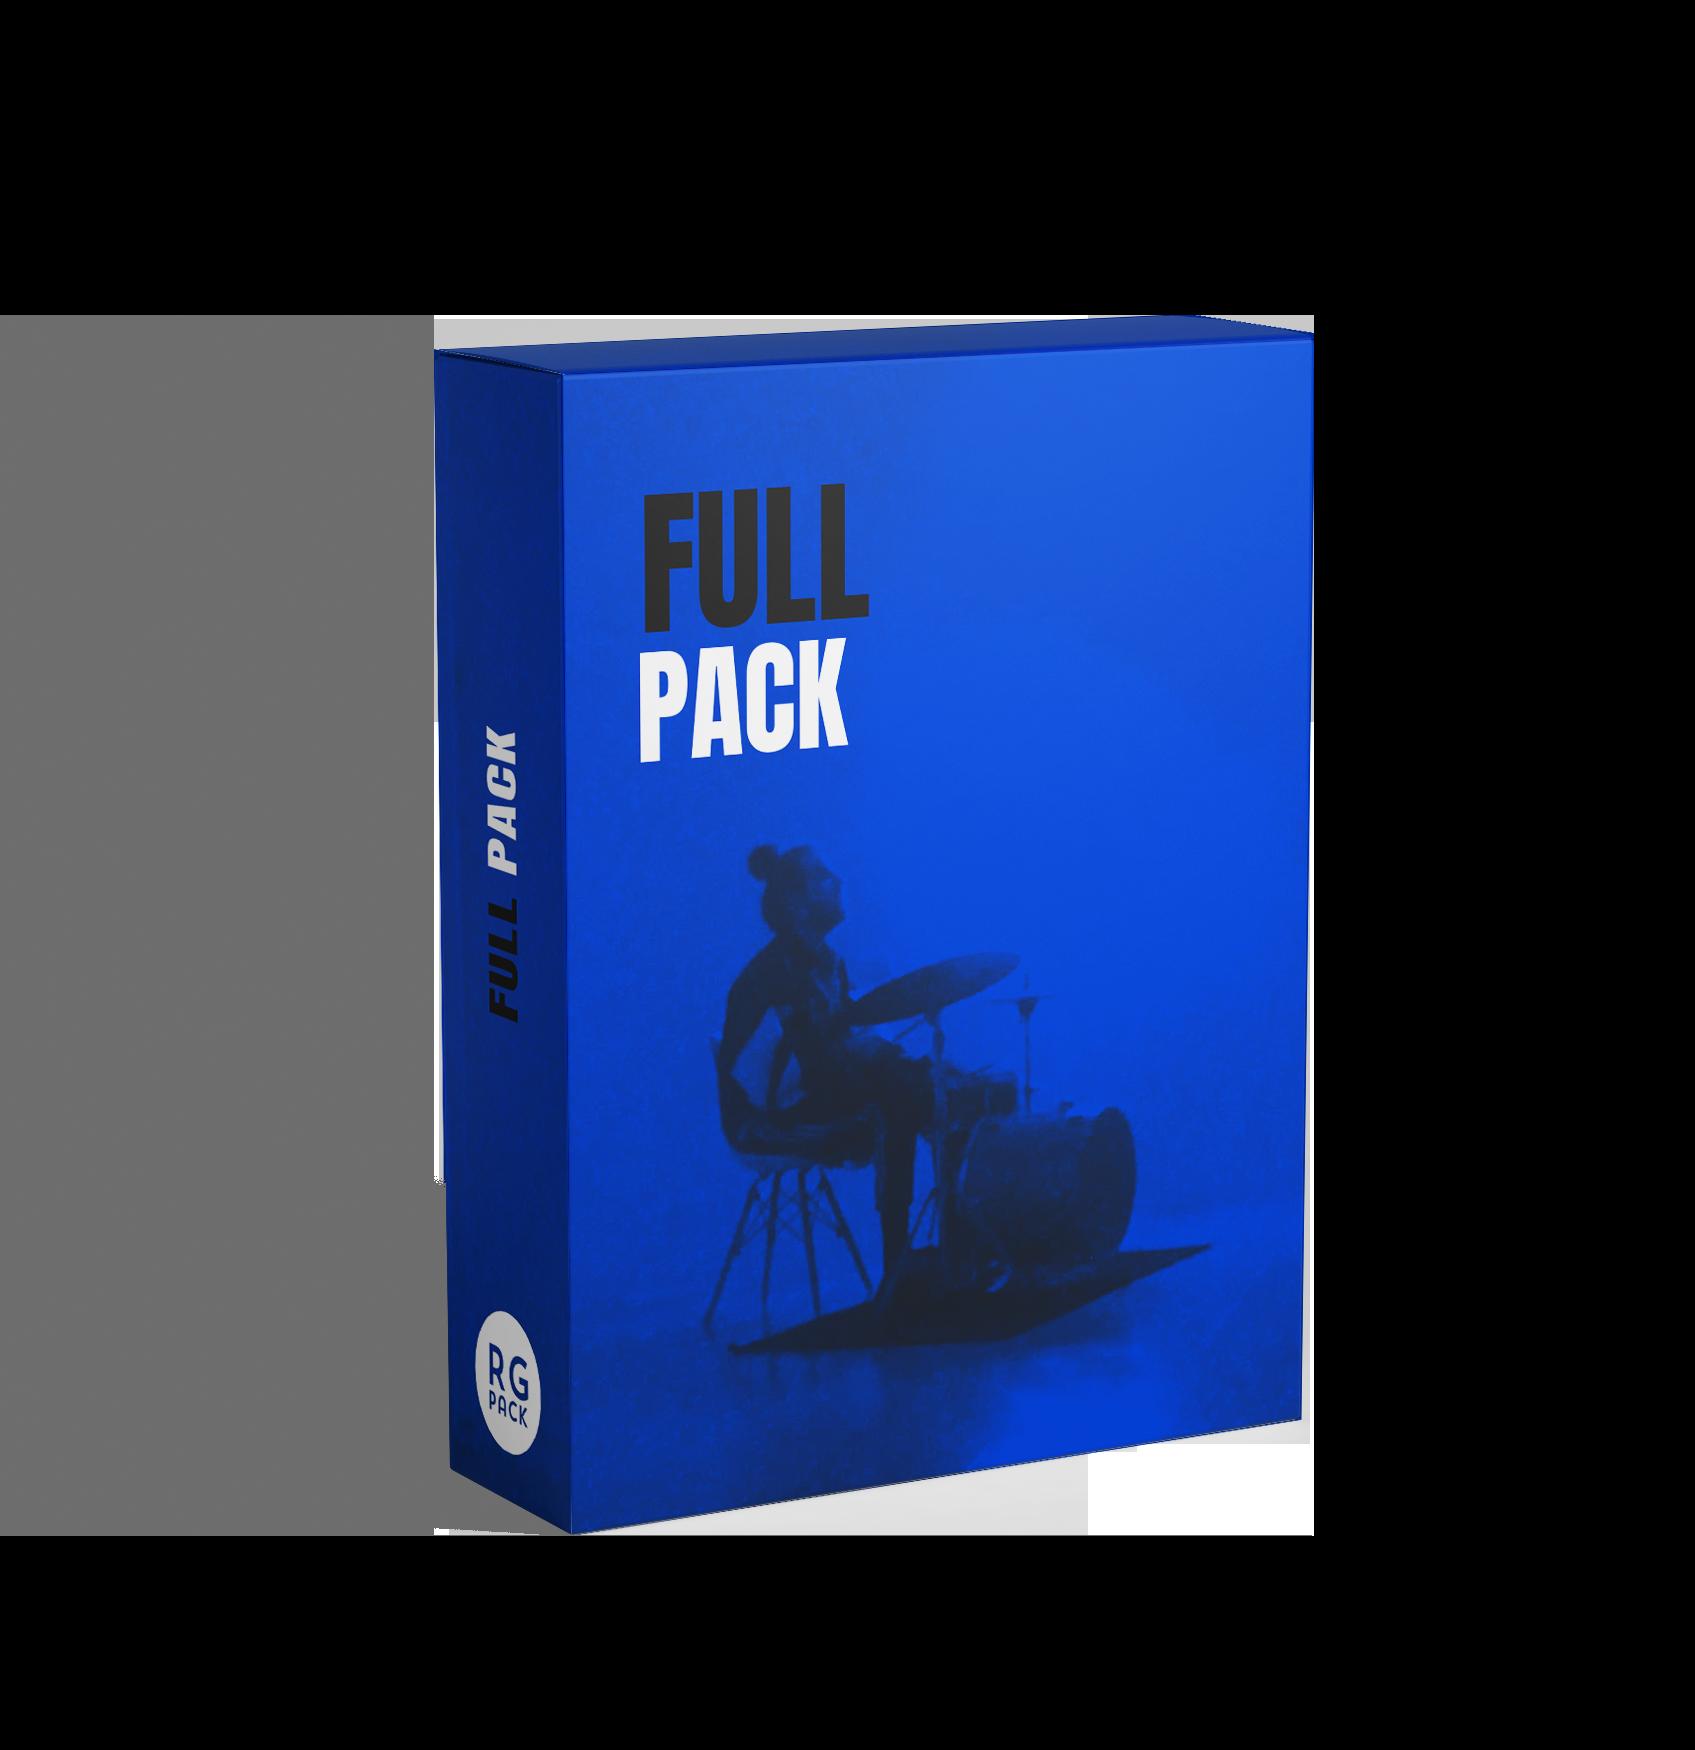 RG Full Pack